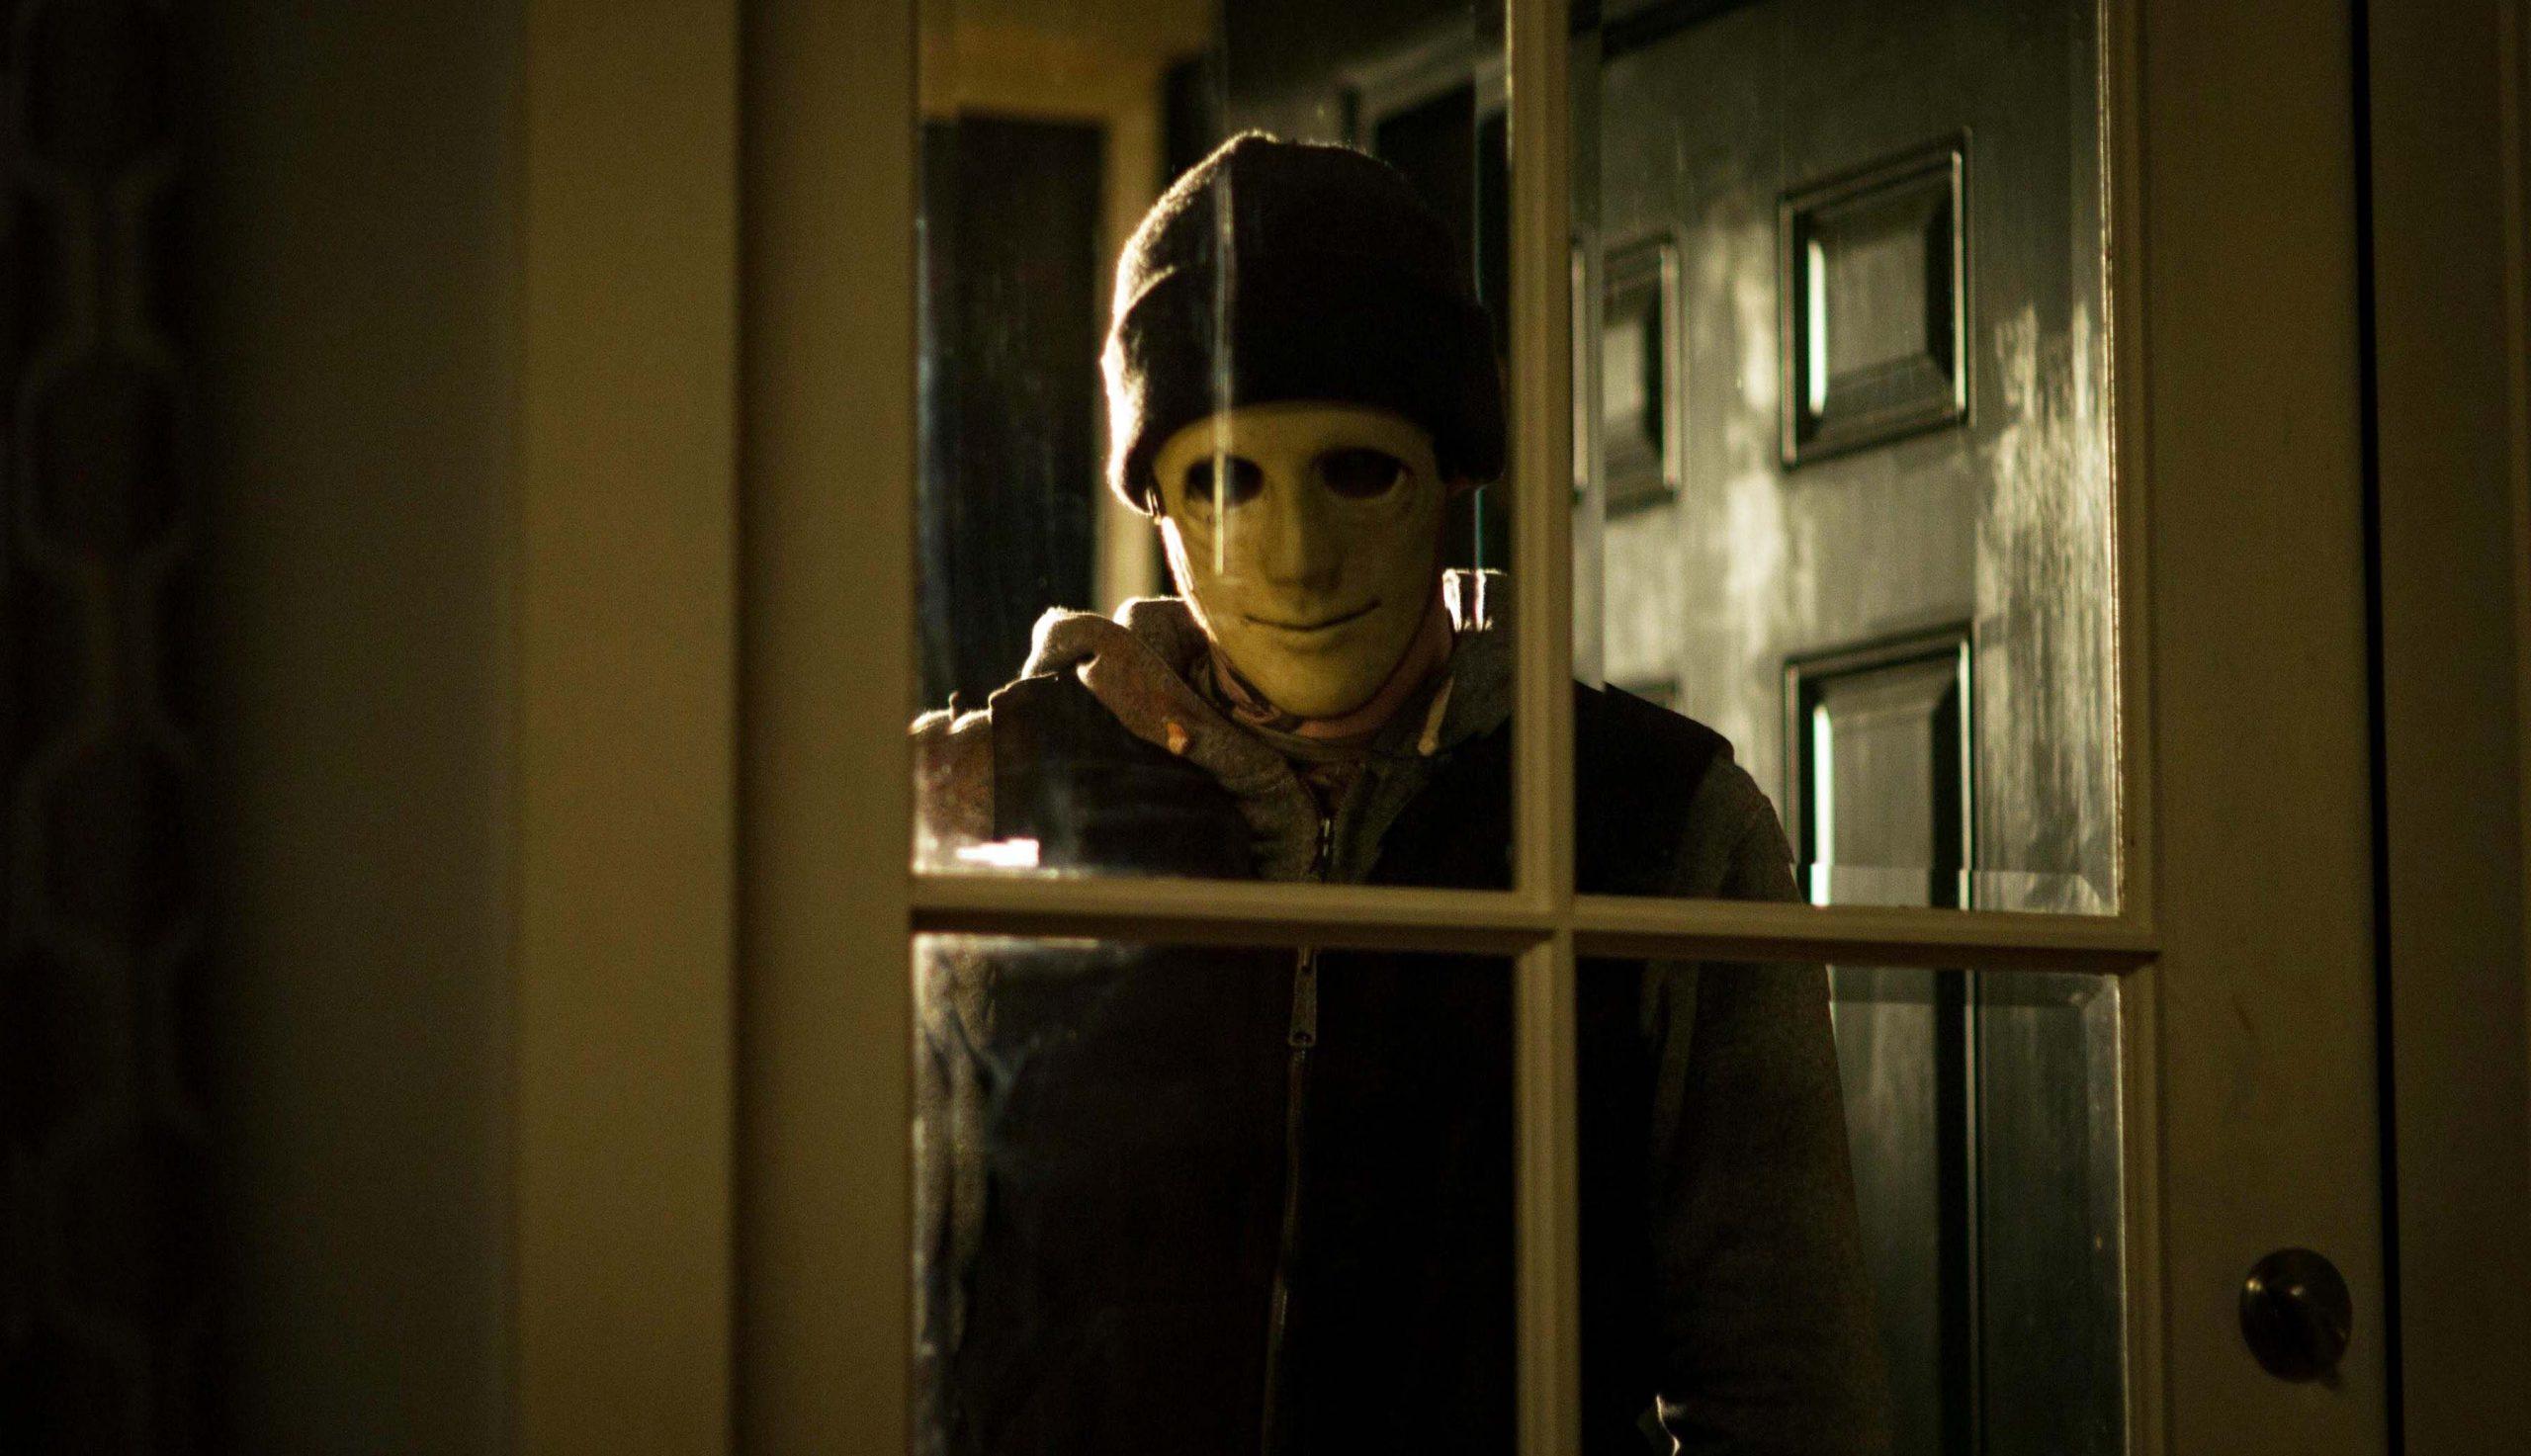 Killer in Hush movie.